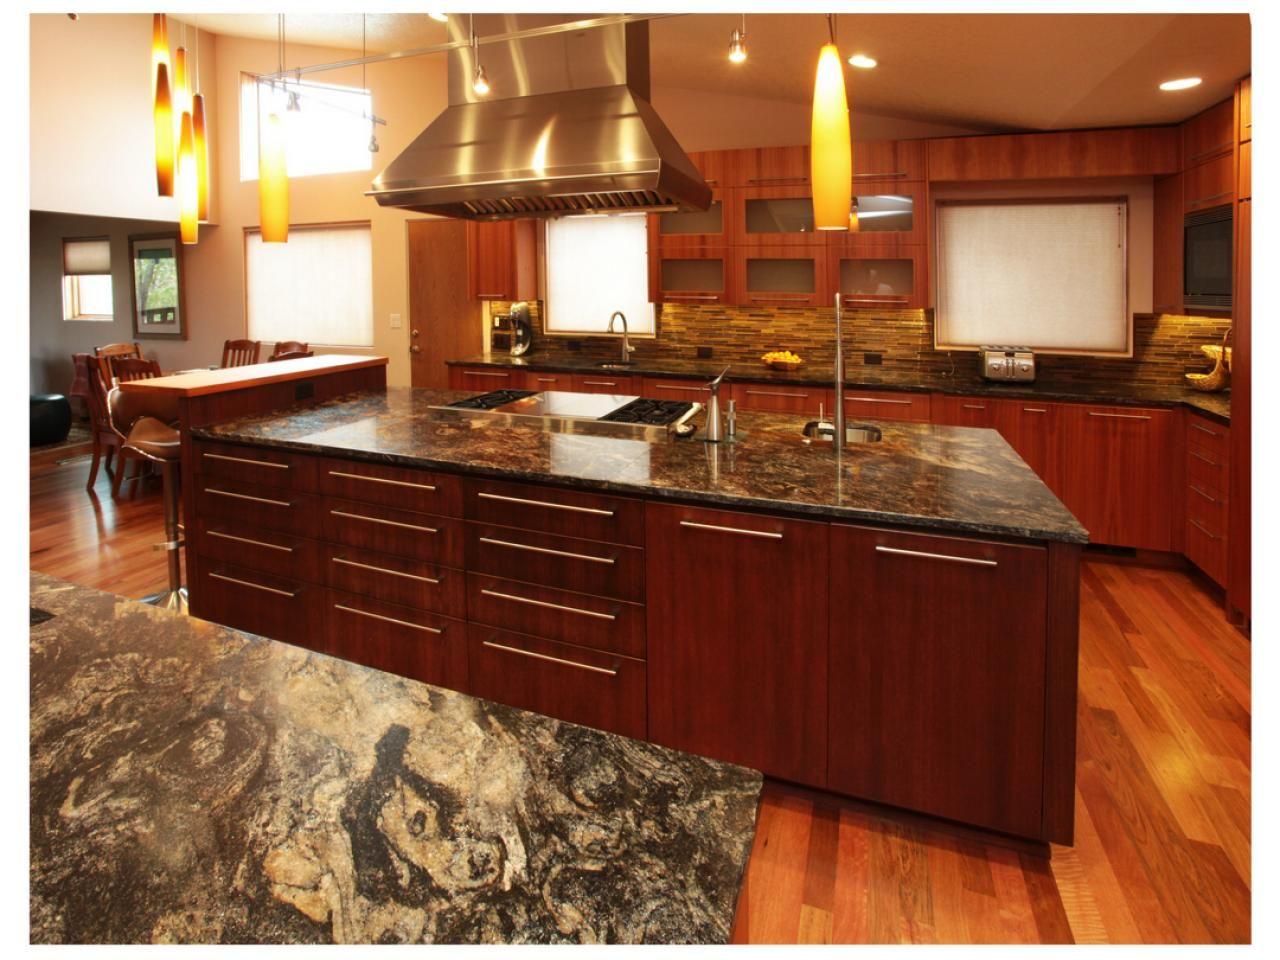 Kuche Insel Mit Granit Arbeitsplatte Moderne Kuche Grosse Kucheninsel Schone Kuchen